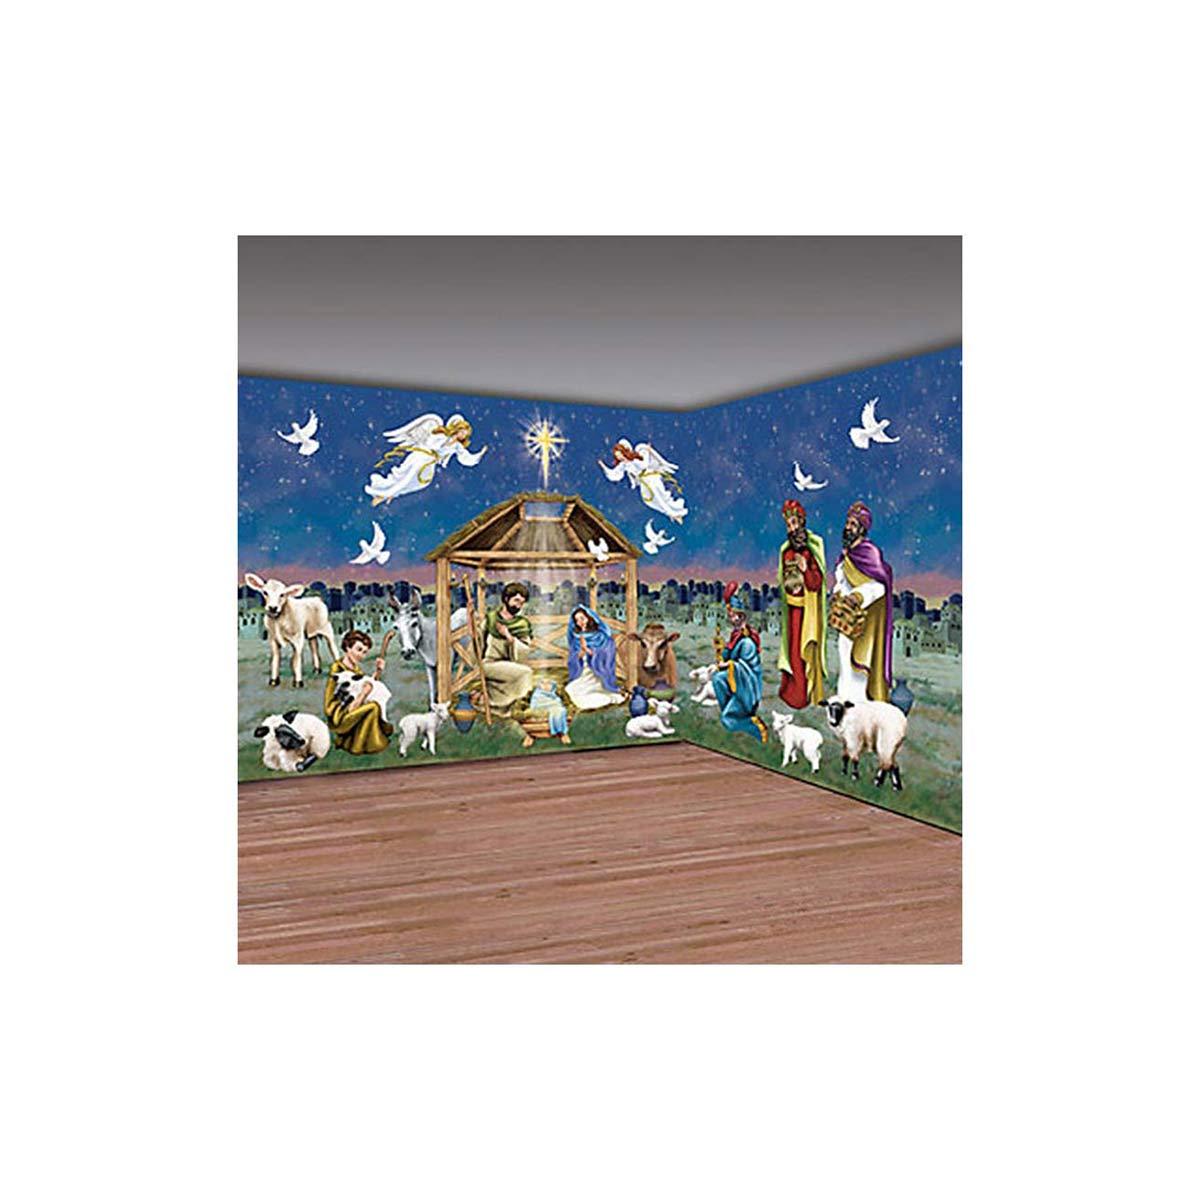 クリスマス ウォール デコレーション 壁 バックグラウンド 飾り キリスト 教会 ホリデー ジーザス 神様